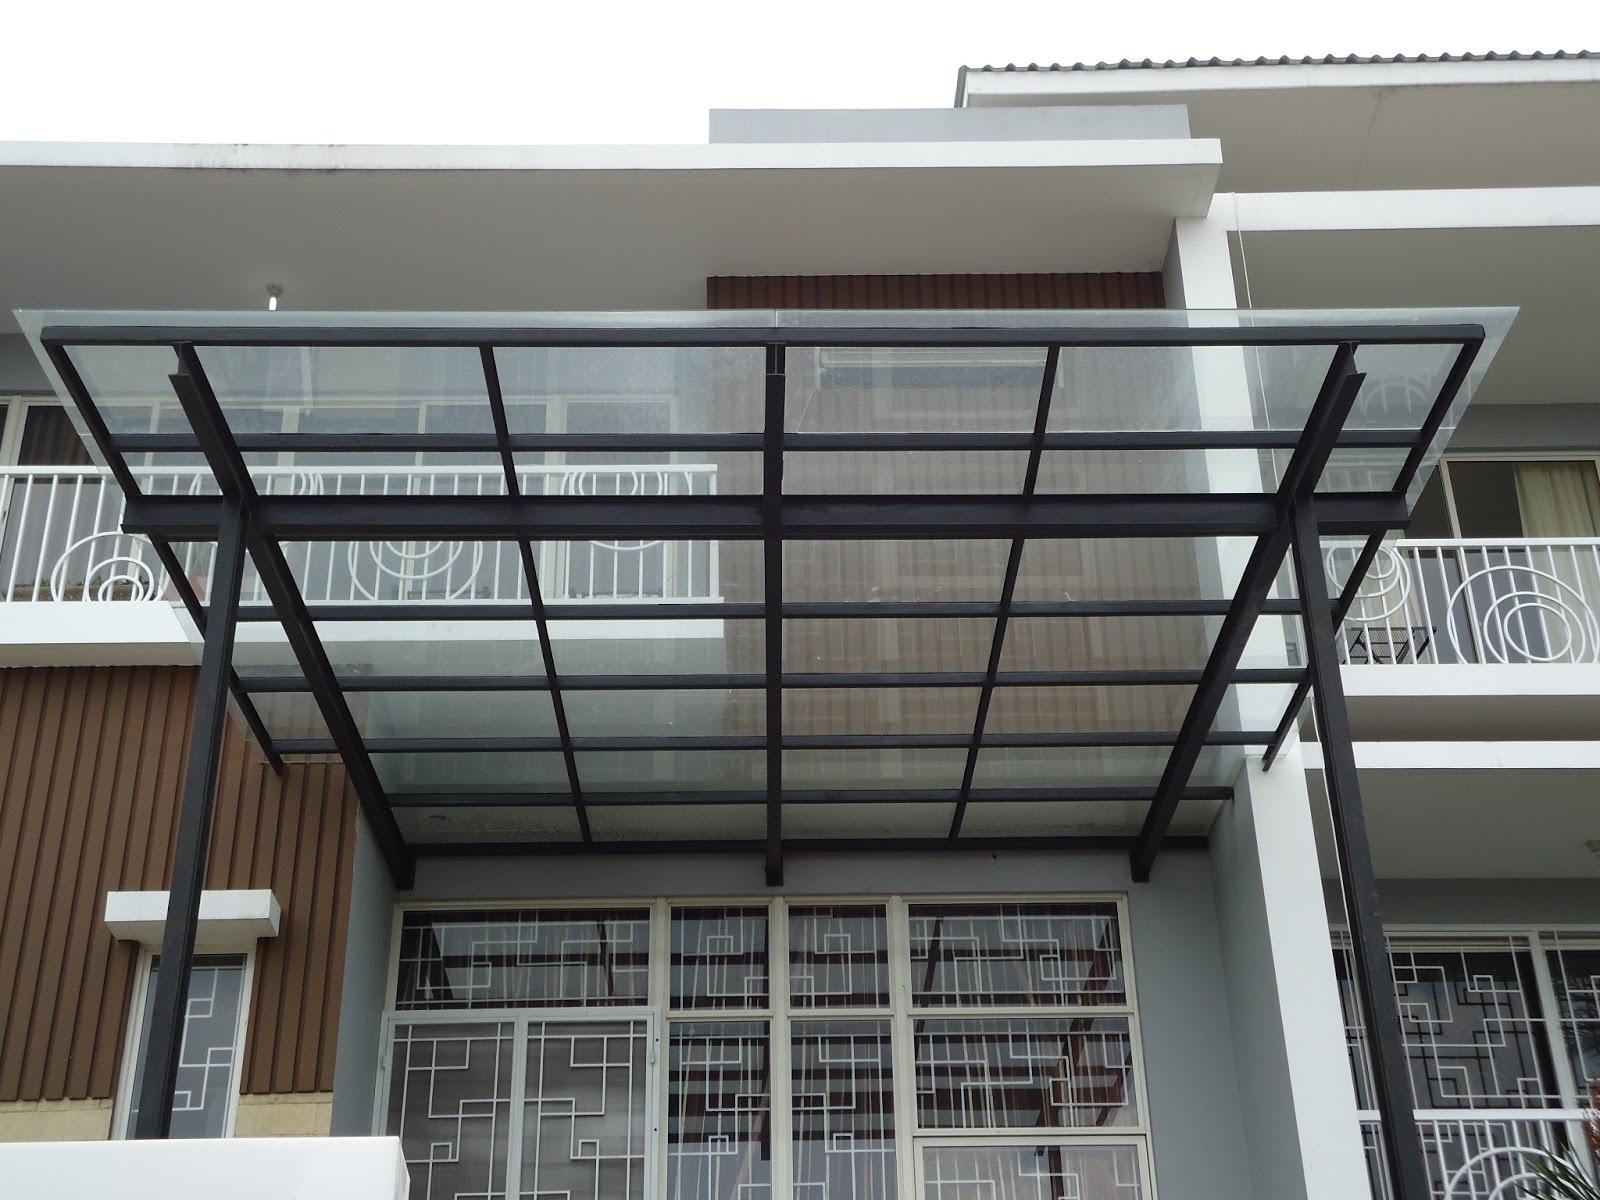 Inilah inspirasi Model Railing Tangga Dan Balkon 2015 yang elegan